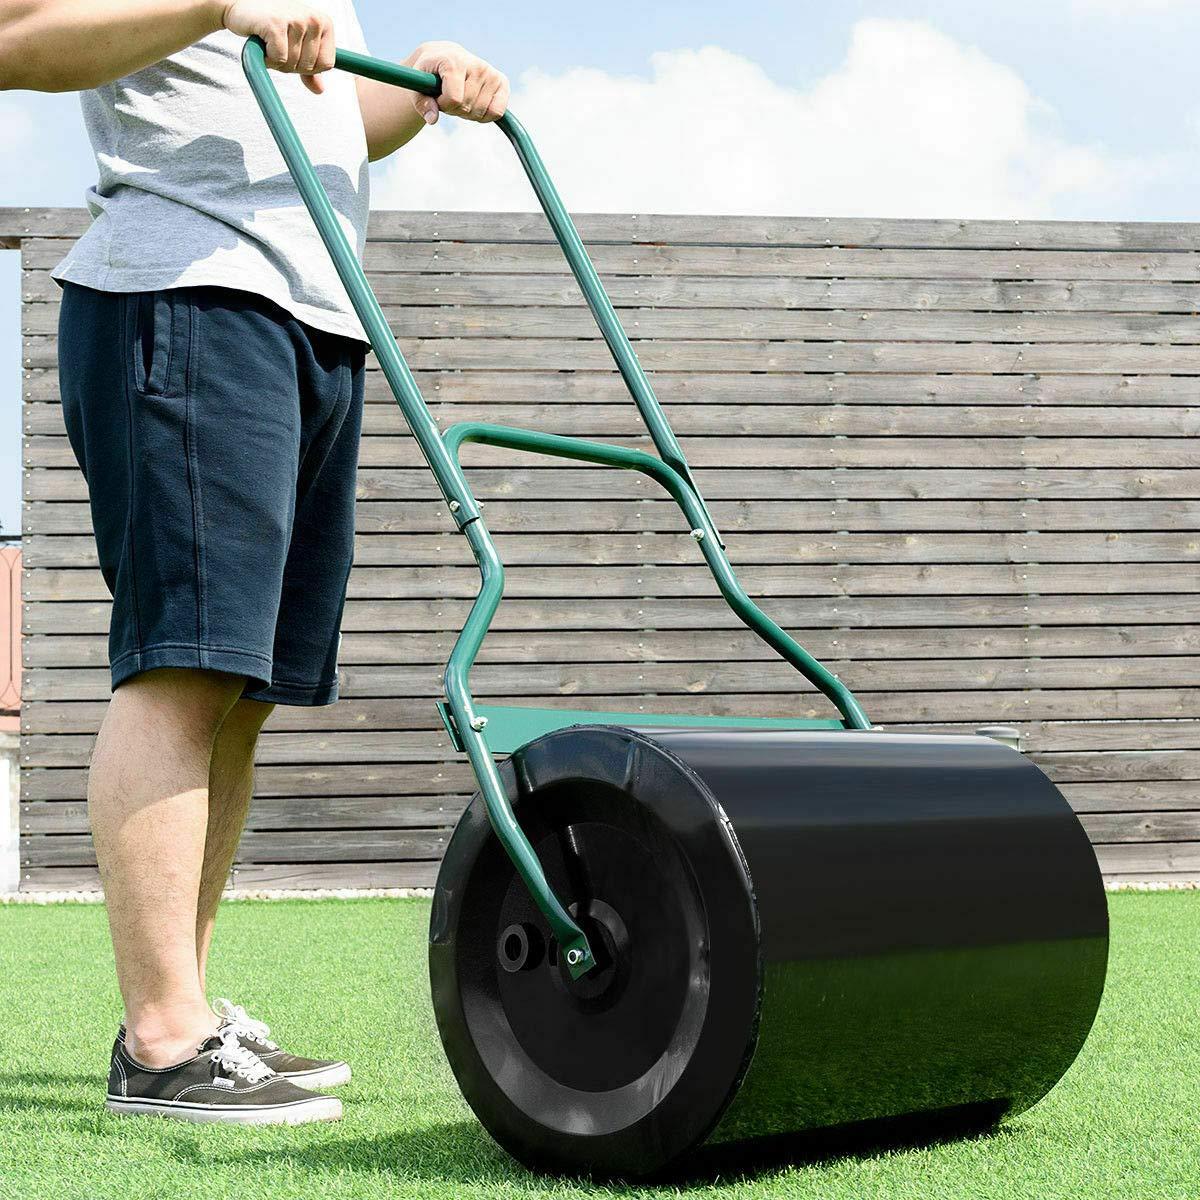 MAREEYA SHOP 16''x 19.5'' Heavy Duty Poly Push Tow Lawn Roller Poly Roller Mower Steel by MAREEYA SHOP